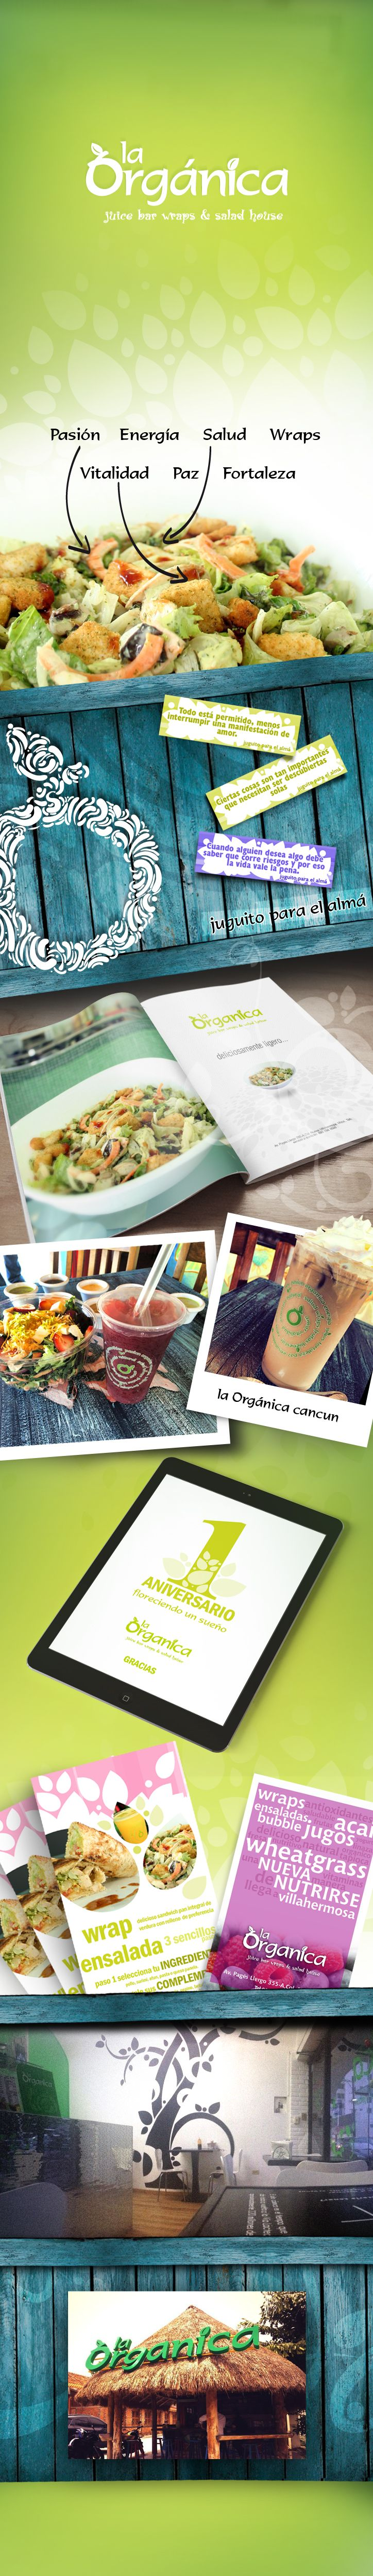 diseño de logo e imagen del restaurante la orgánica